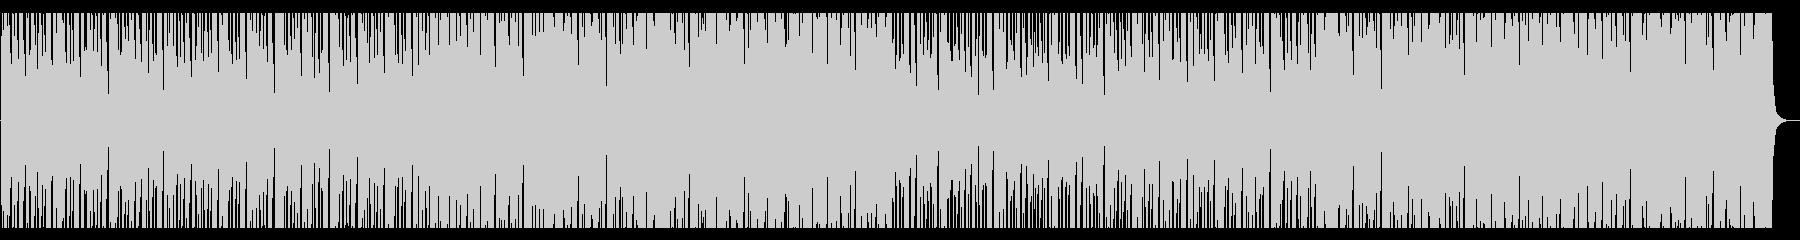 キラキラ/ピアノハウス_No423の未再生の波形